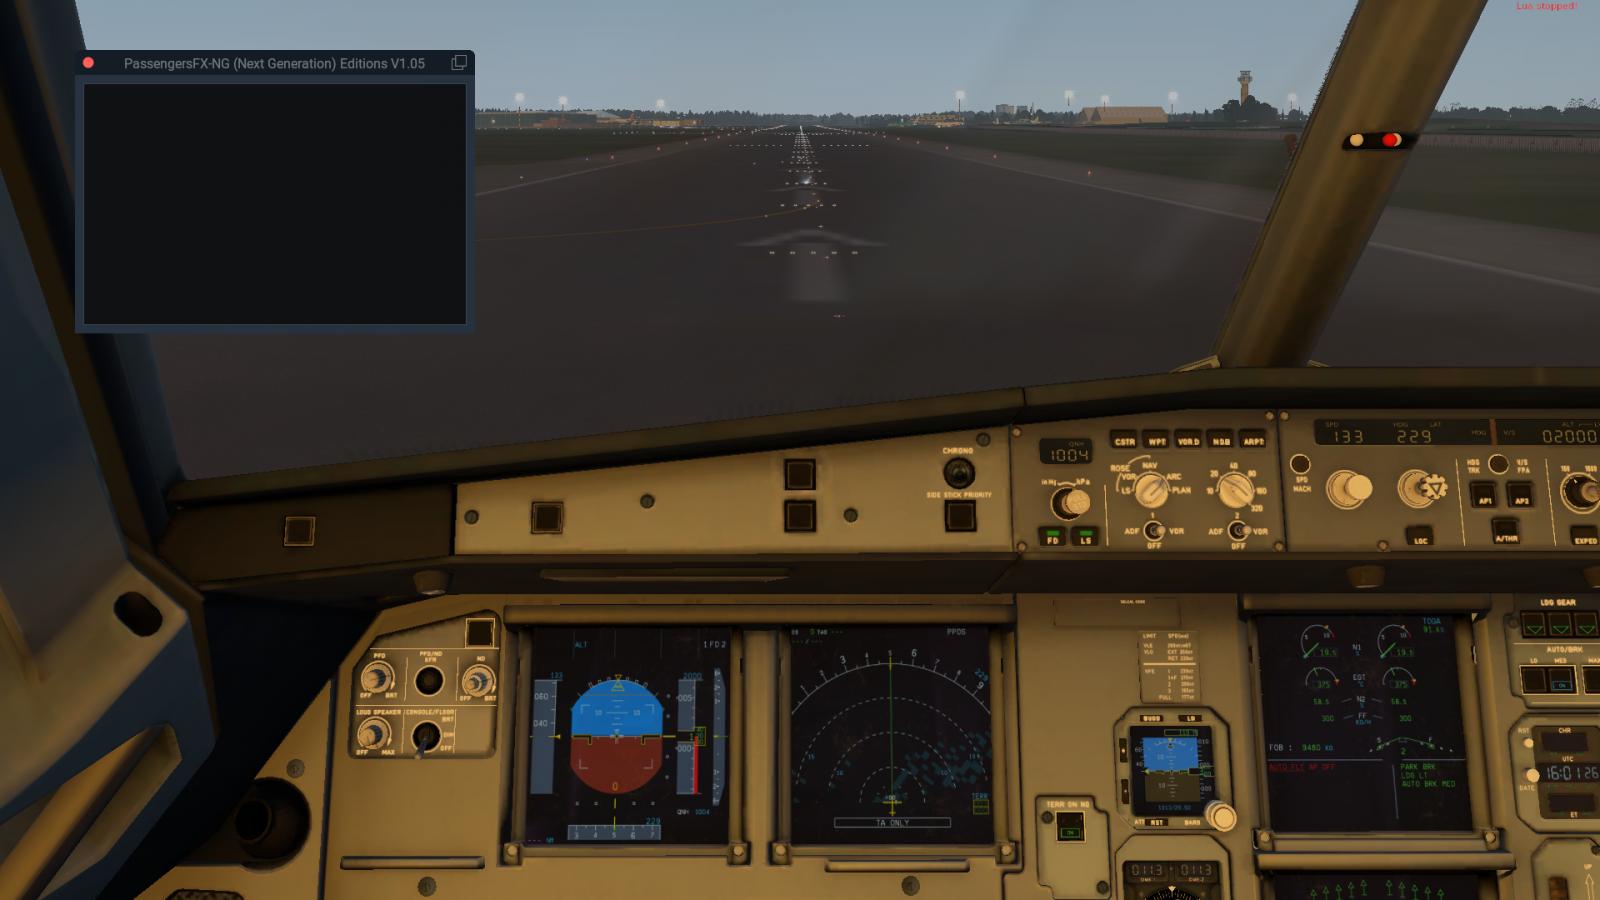 Passenger FX (German) problem with FF A320 - PassengersFX